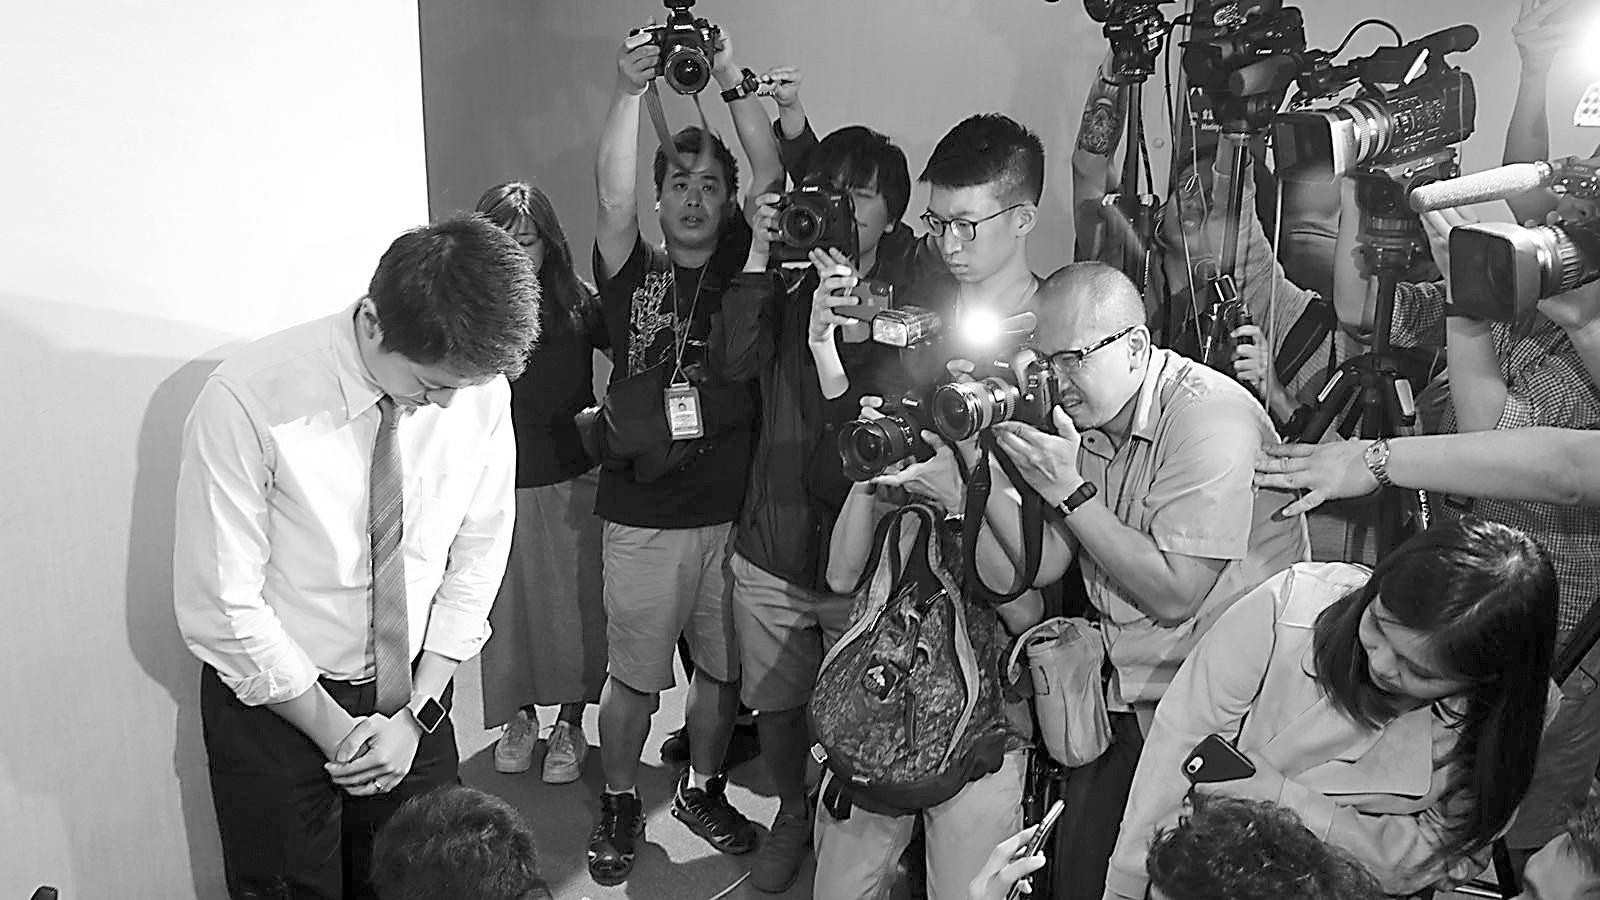 泛民议员抢手机在港惹众怒 港媒批:卿本议员,奈何做贼?